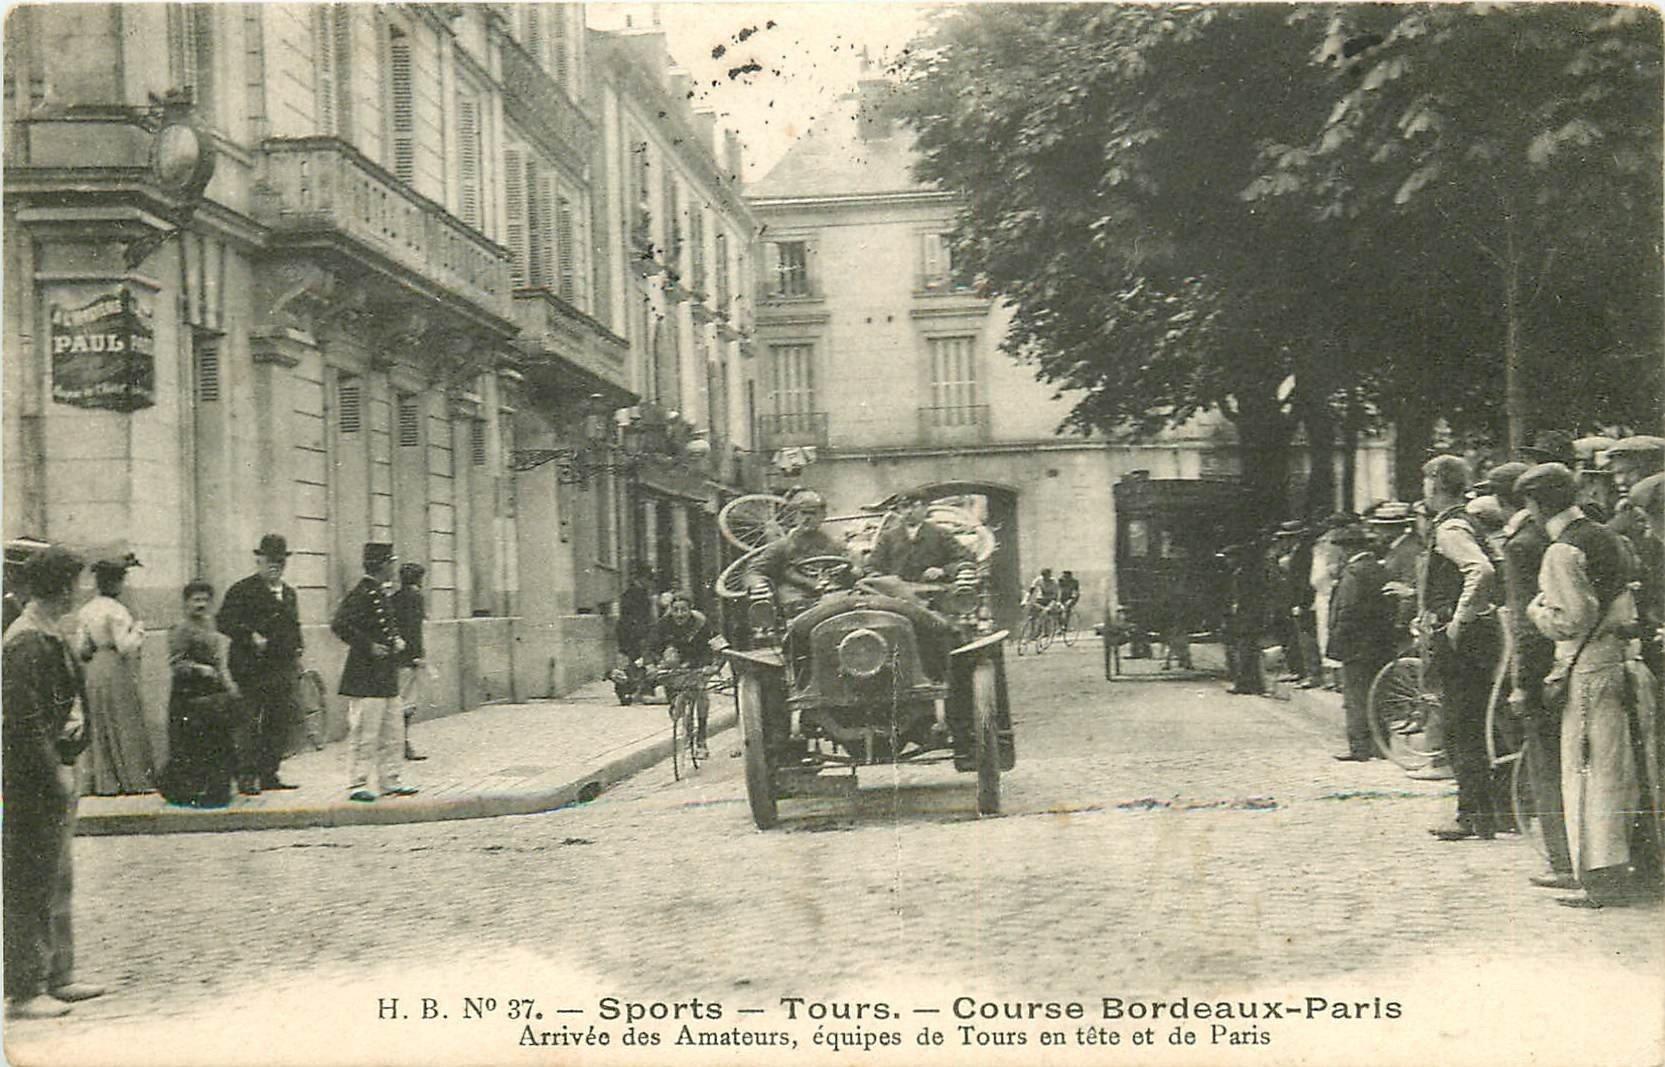 37 TOURS. Course automobiles Bordeaux Paris. Arrivée des Amateurs 1905 Sports